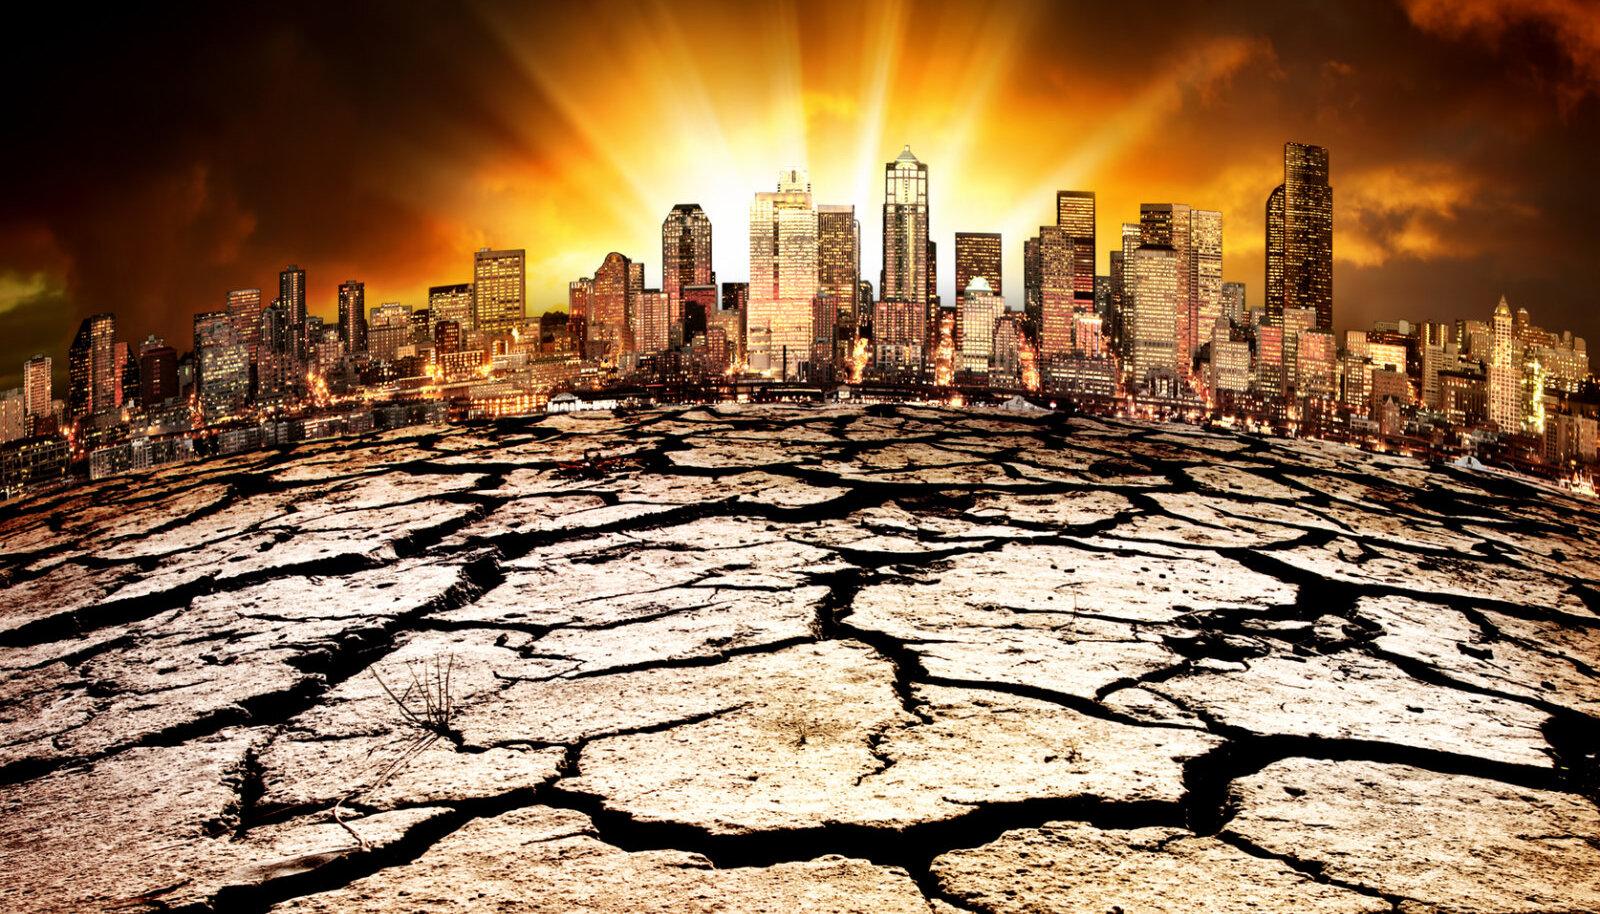 kliimamuutus